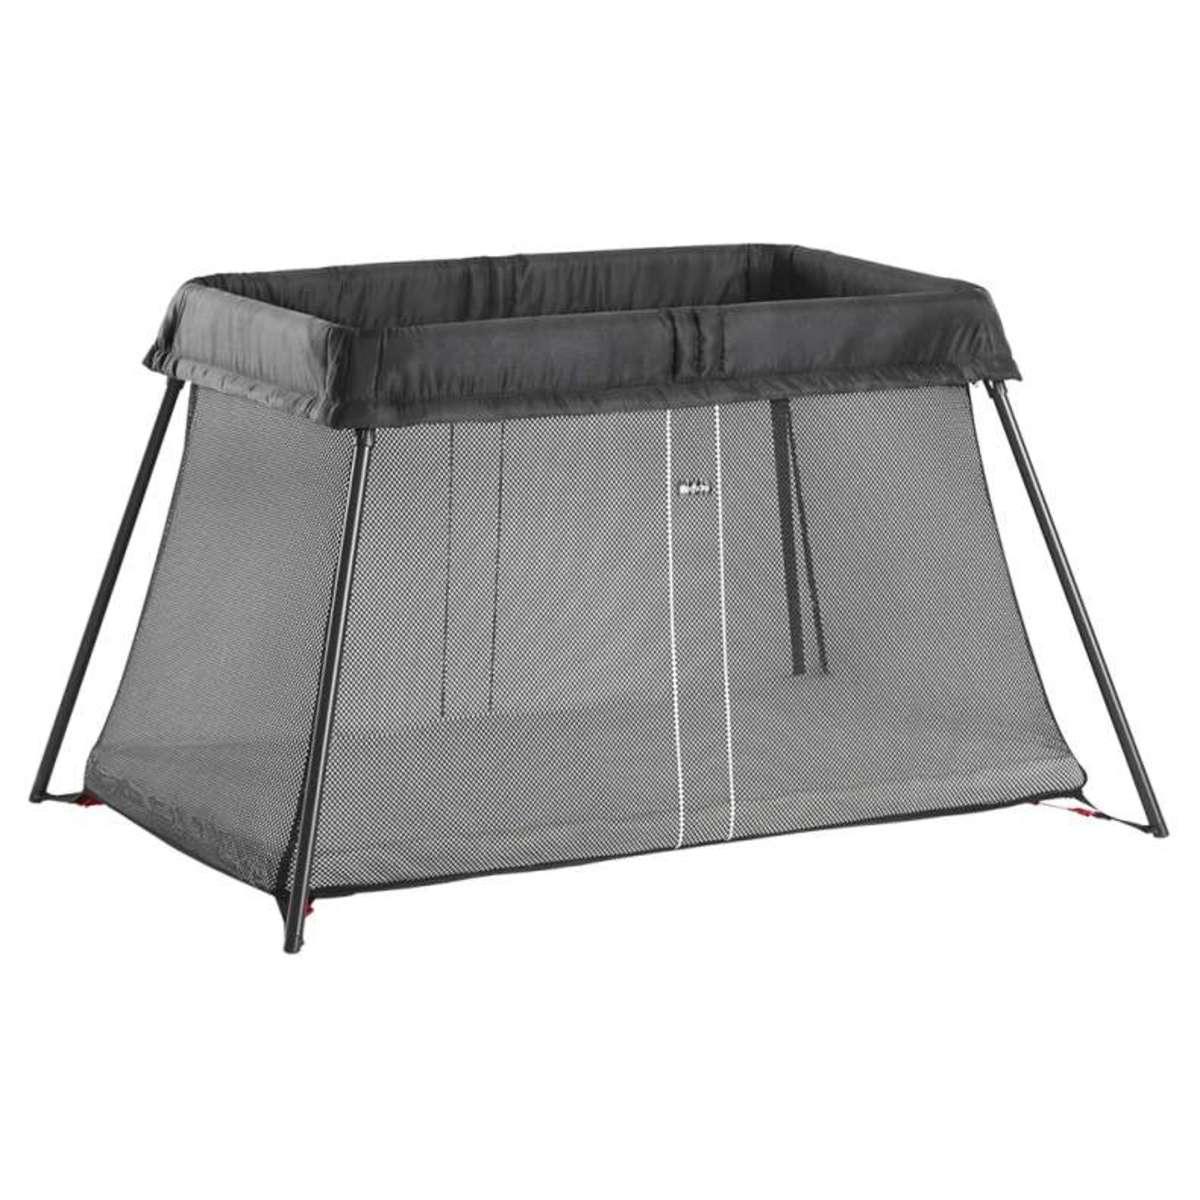 Lit parapluie Lit Parapluie Light - Noir Lit Parapluie Light - Noir